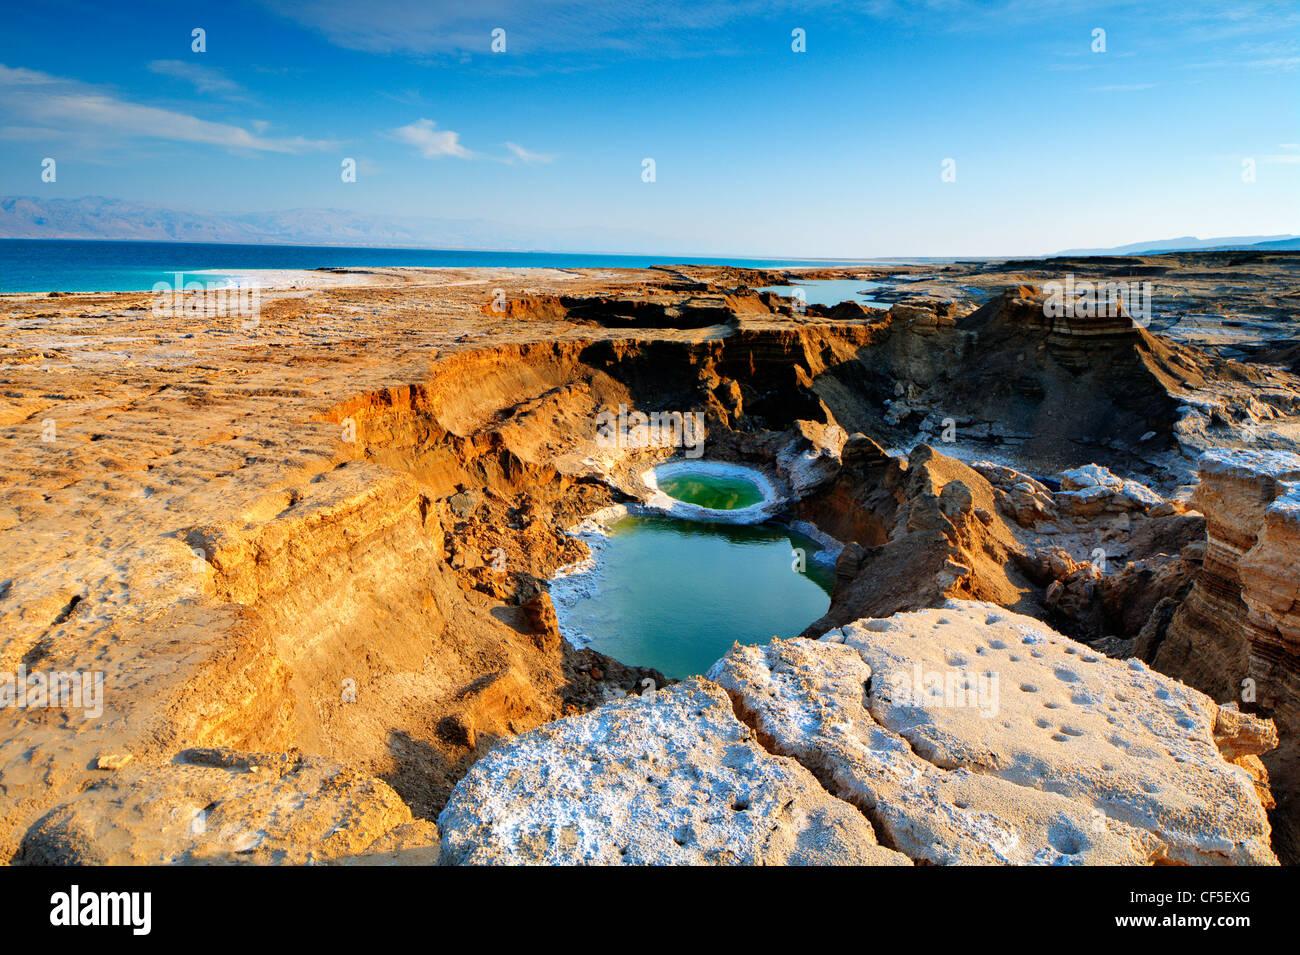 Fori di pozzo vicino al Mar Morto in Ein Gedi, Israele. Foto Stock